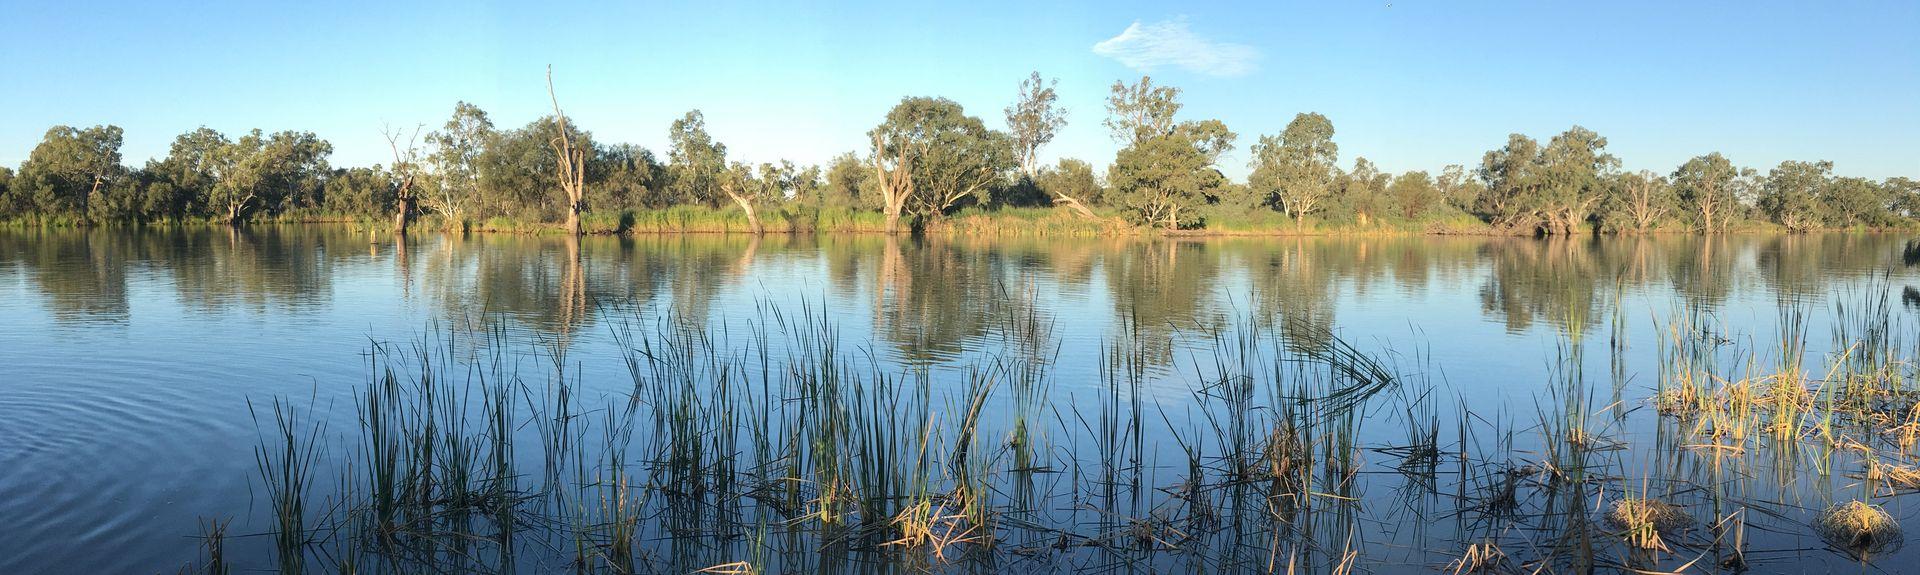 Mannum, South Australia, Australia